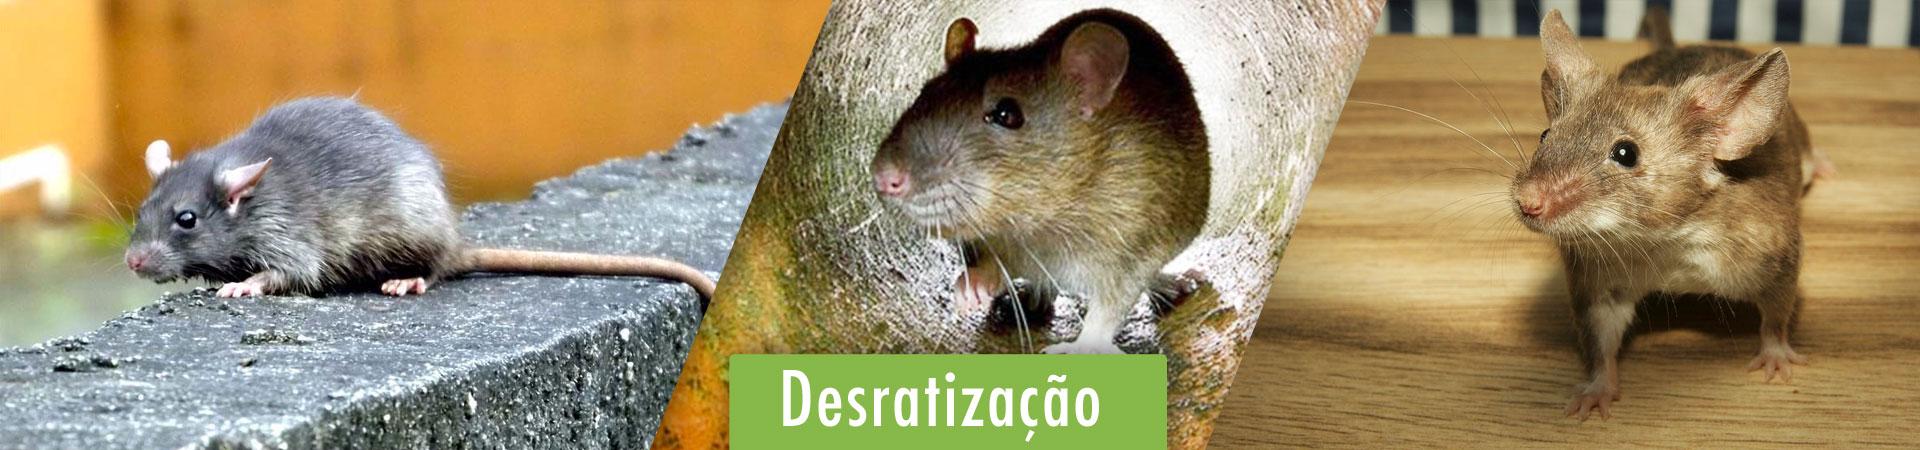 desratizacao-em-braganca-paulista-sp